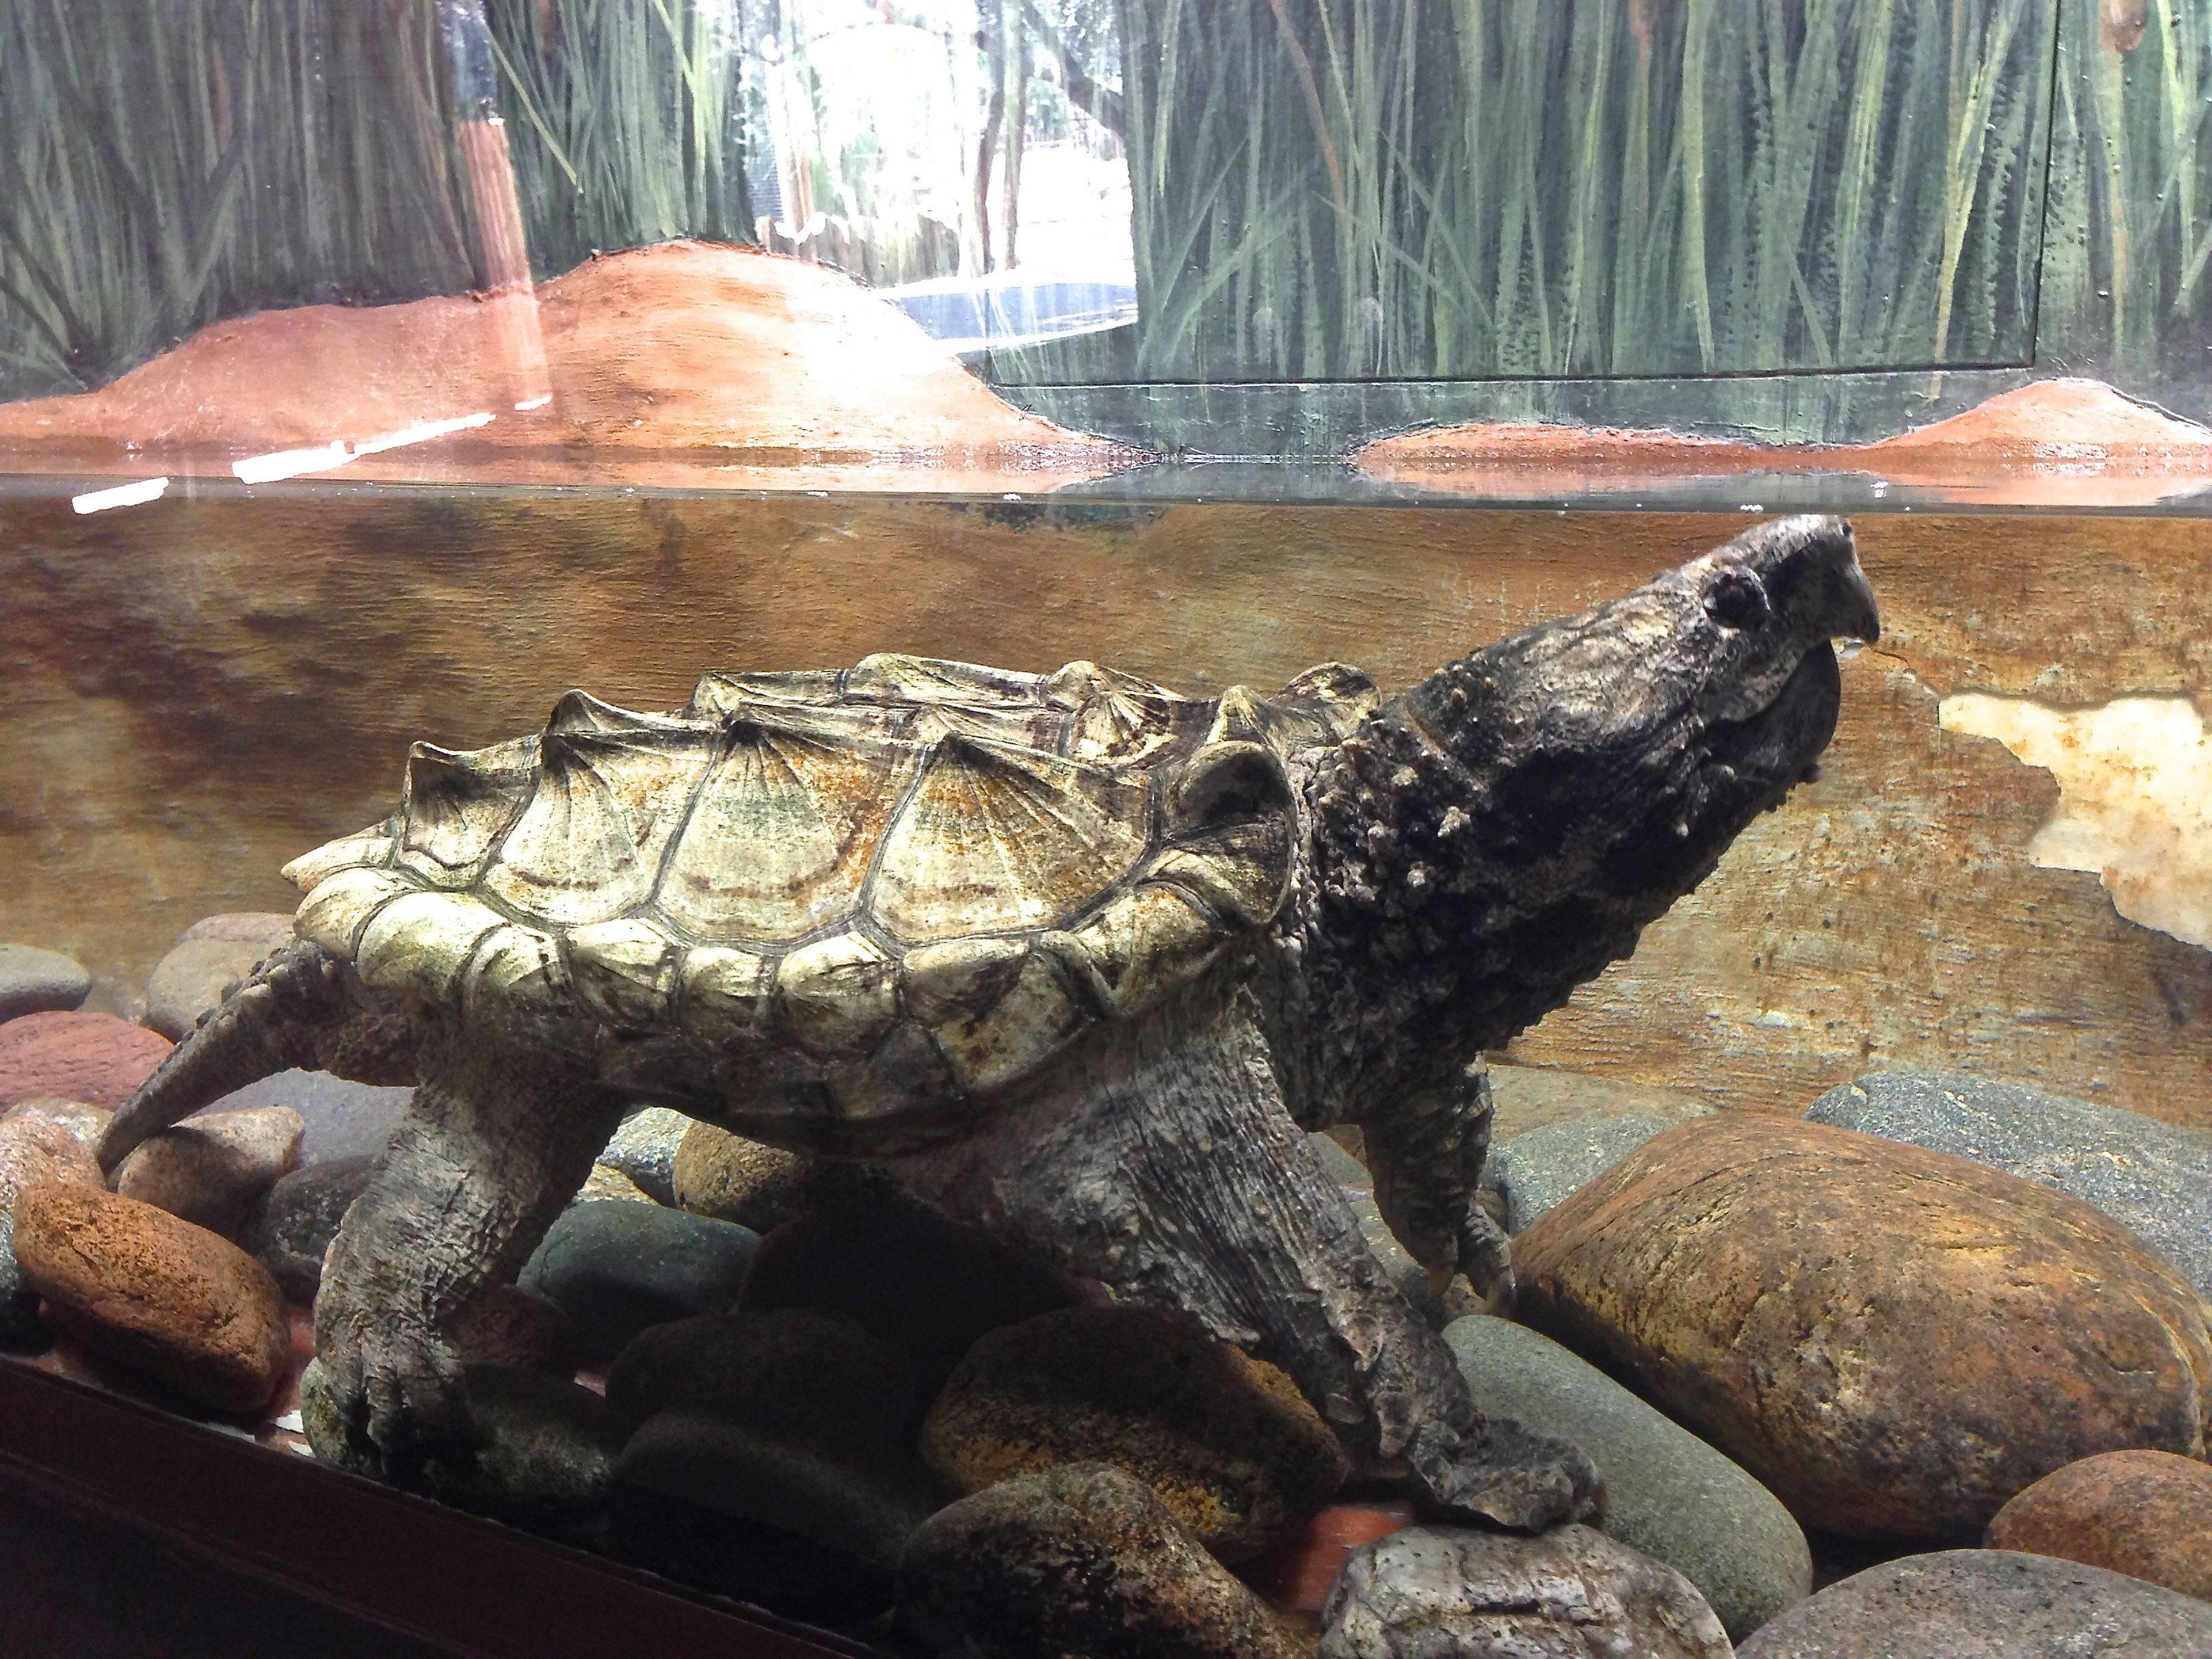 Сухопутная черепаха: содержание, особенности кормления черепашки, уход в домашних условиях